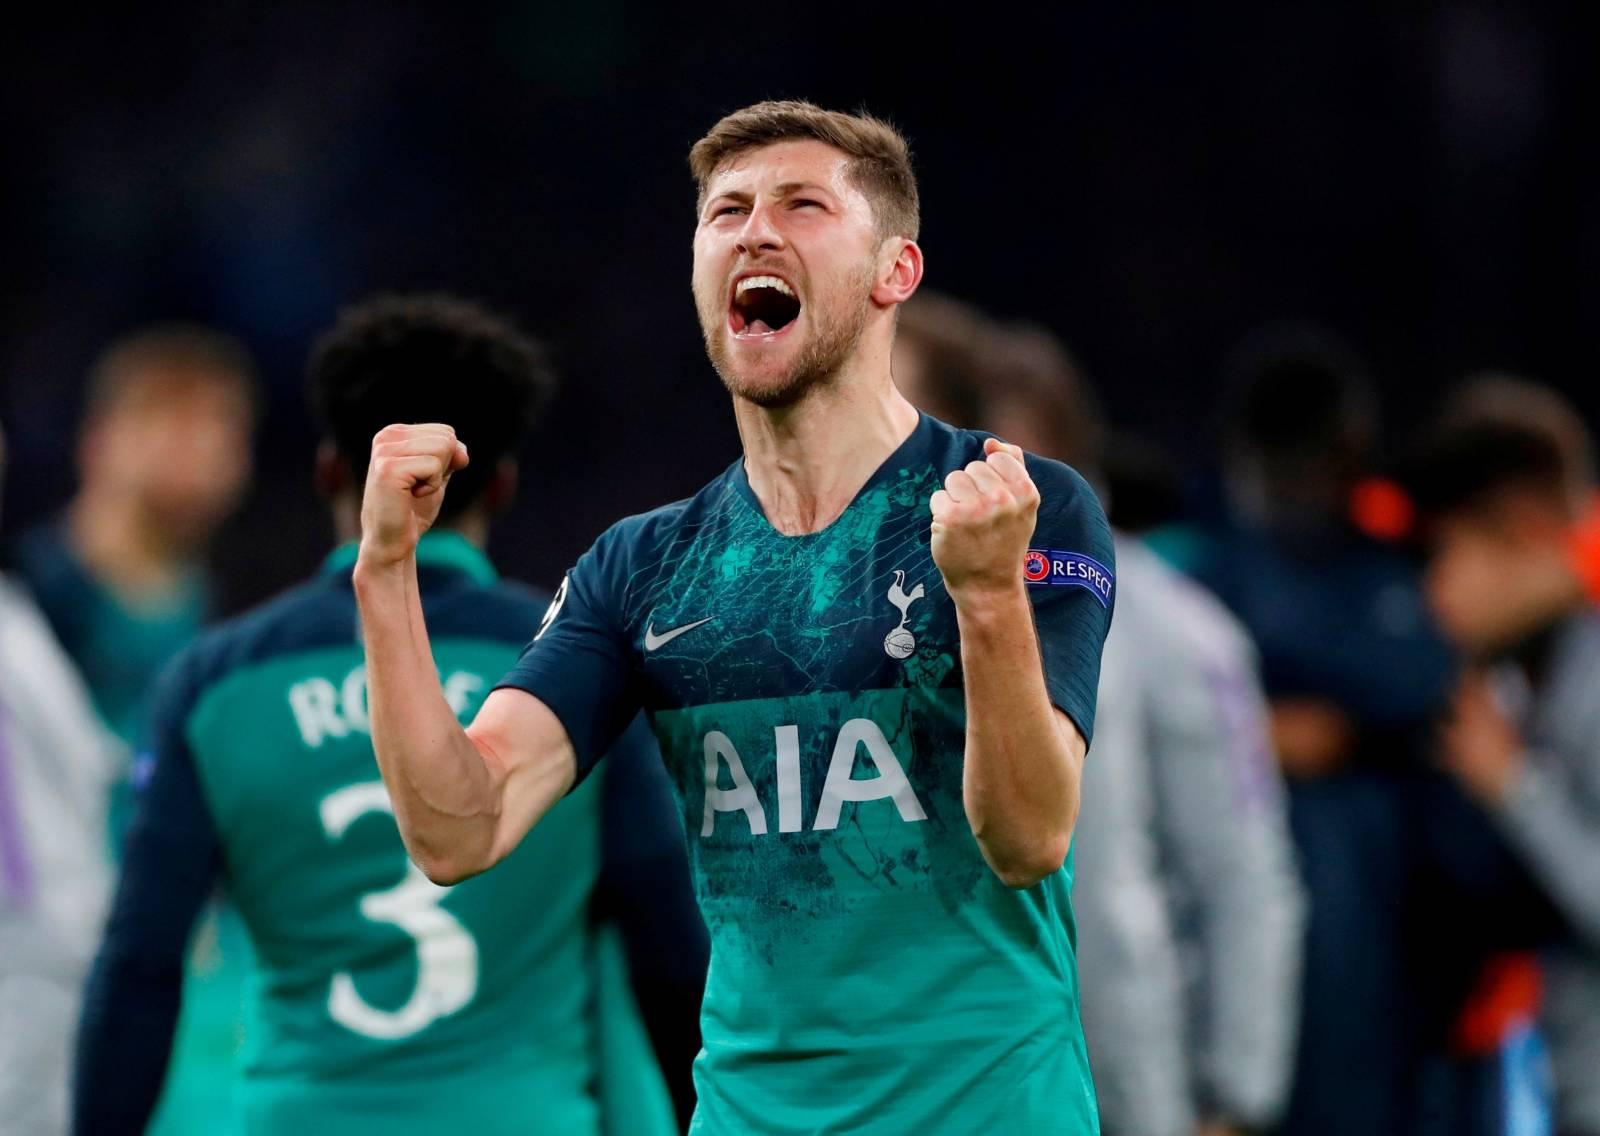 Champions League Semi Final Second Leg - Ajax Amsterdam v Tottenham Hotspur